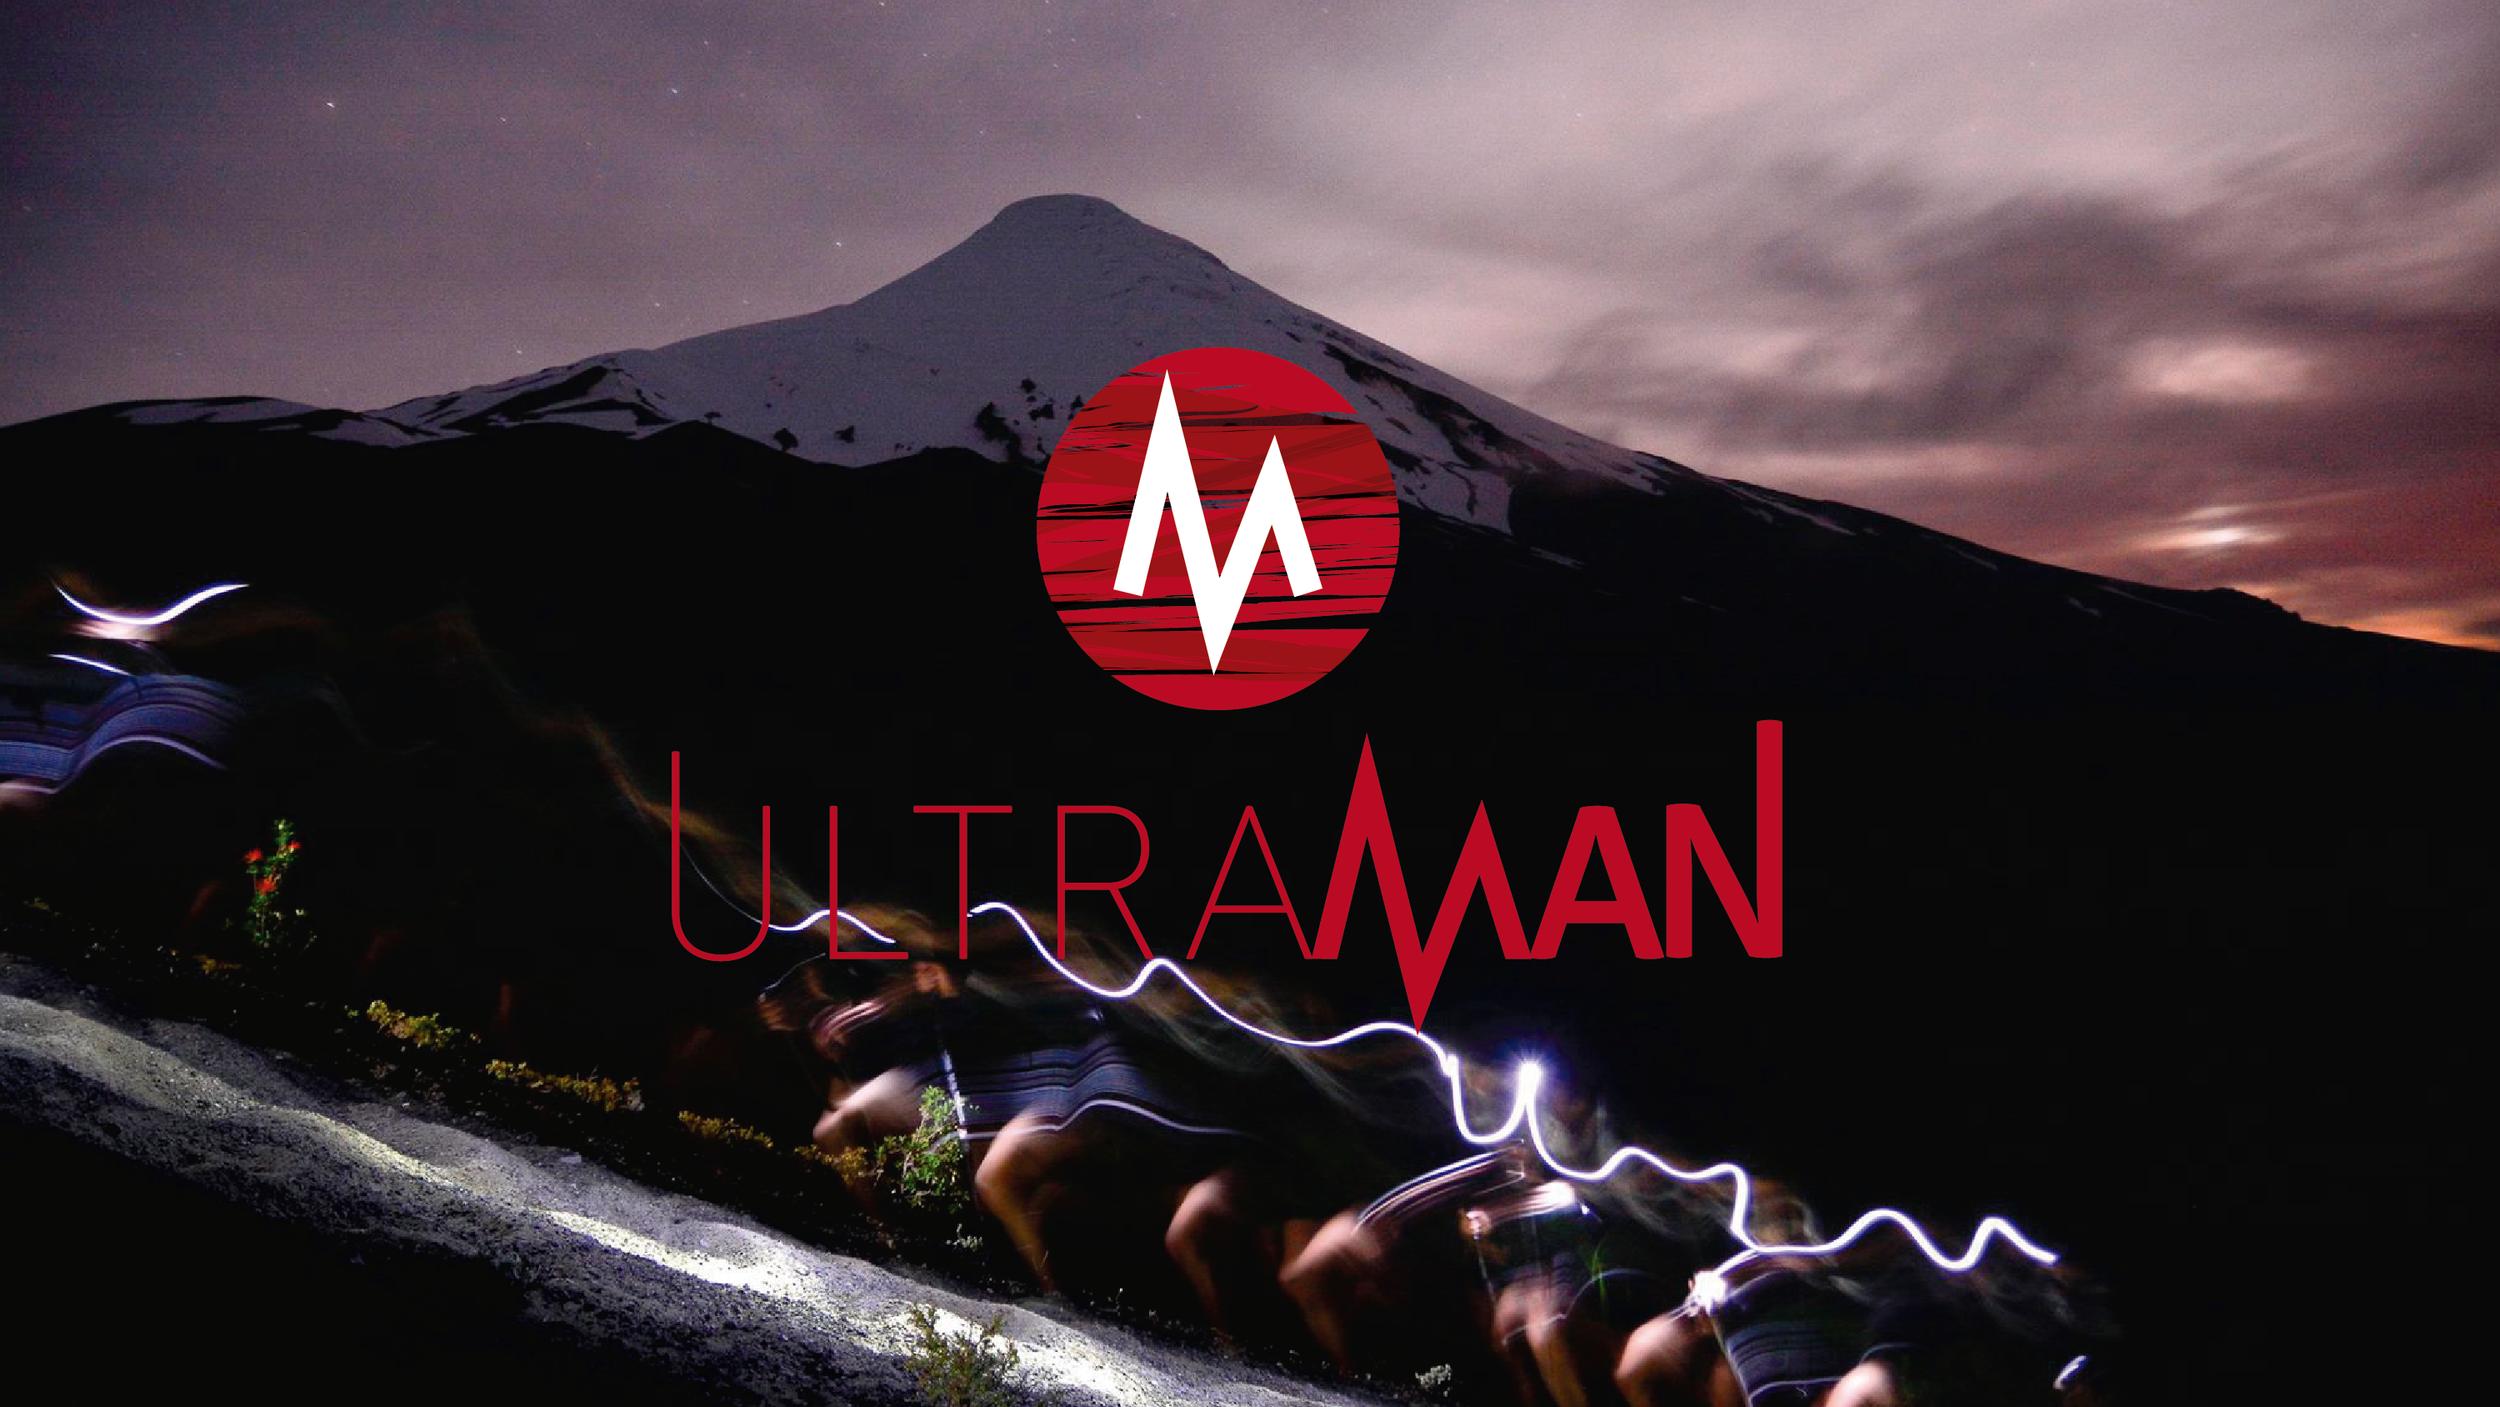 - Ultraman es una productora que nace en 2013, cuando un grupo de amigos corredores de Trail Running deciden emprender este proyecto. Todo esto se crea con la ambición de ser más que un proyecto deportivo, buscando ser un motor de desarrollo para el deporte regional, incentivando a través de sus iniciativas la actividad deportiva y la promoción del turismo local.